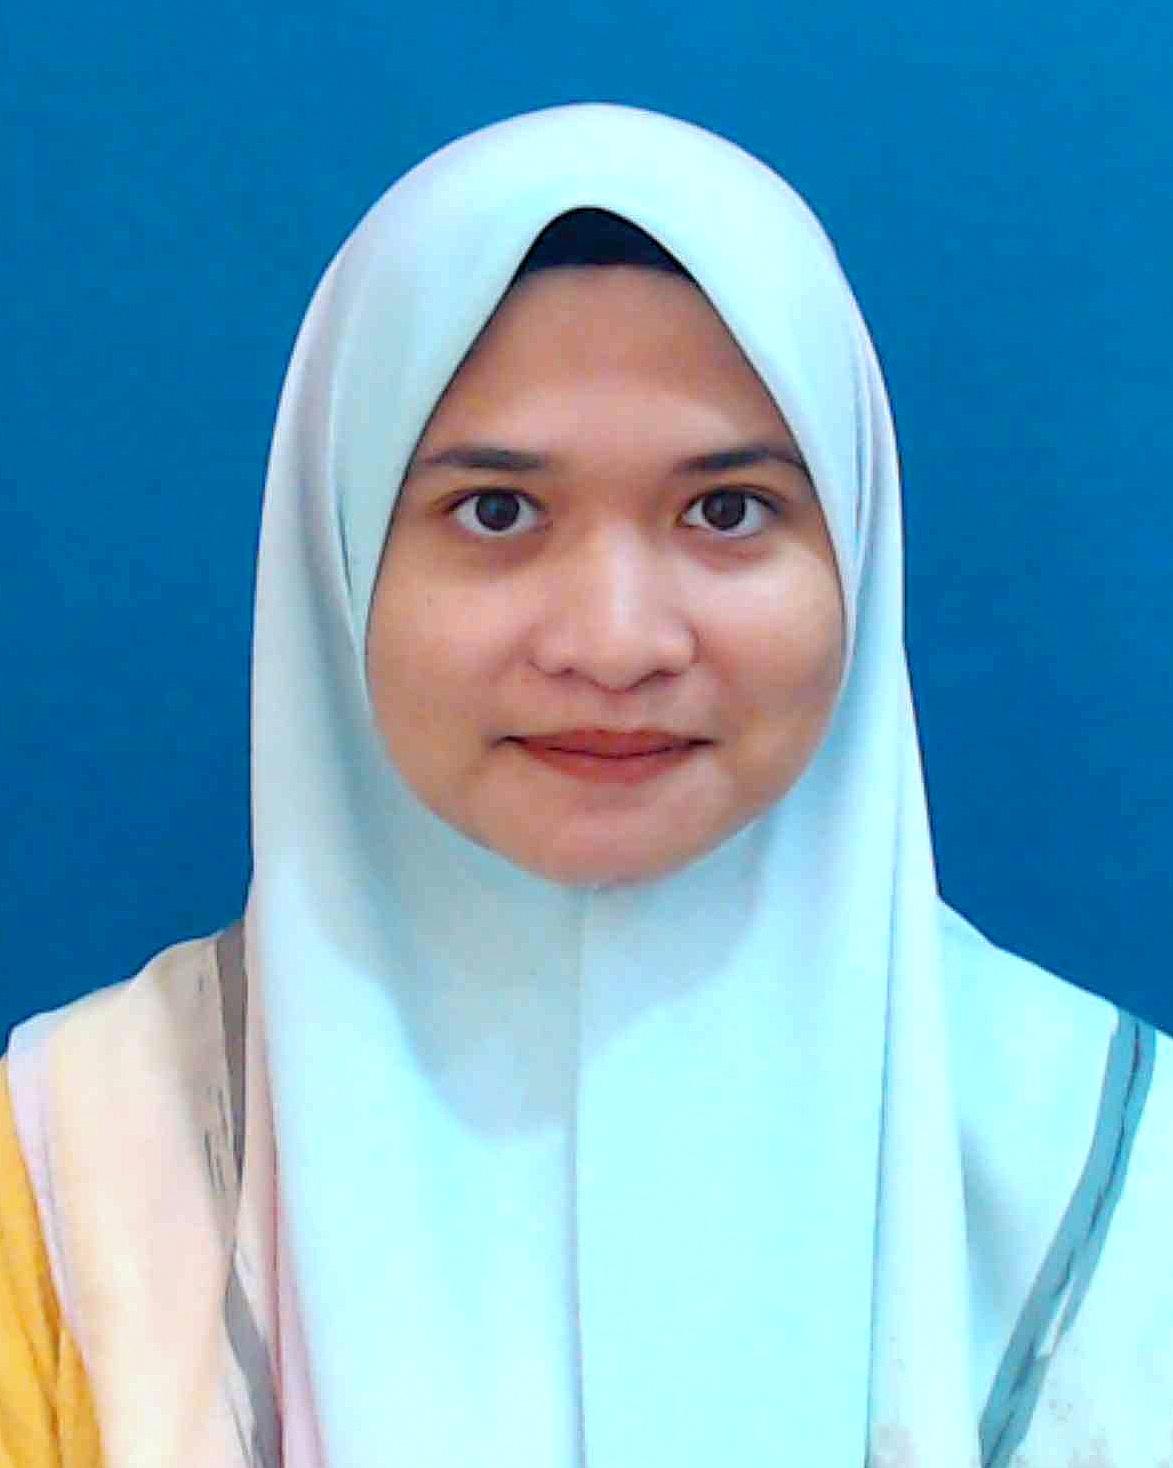 Tengku Zulaila Hasma Binti Tengku Zam Zam